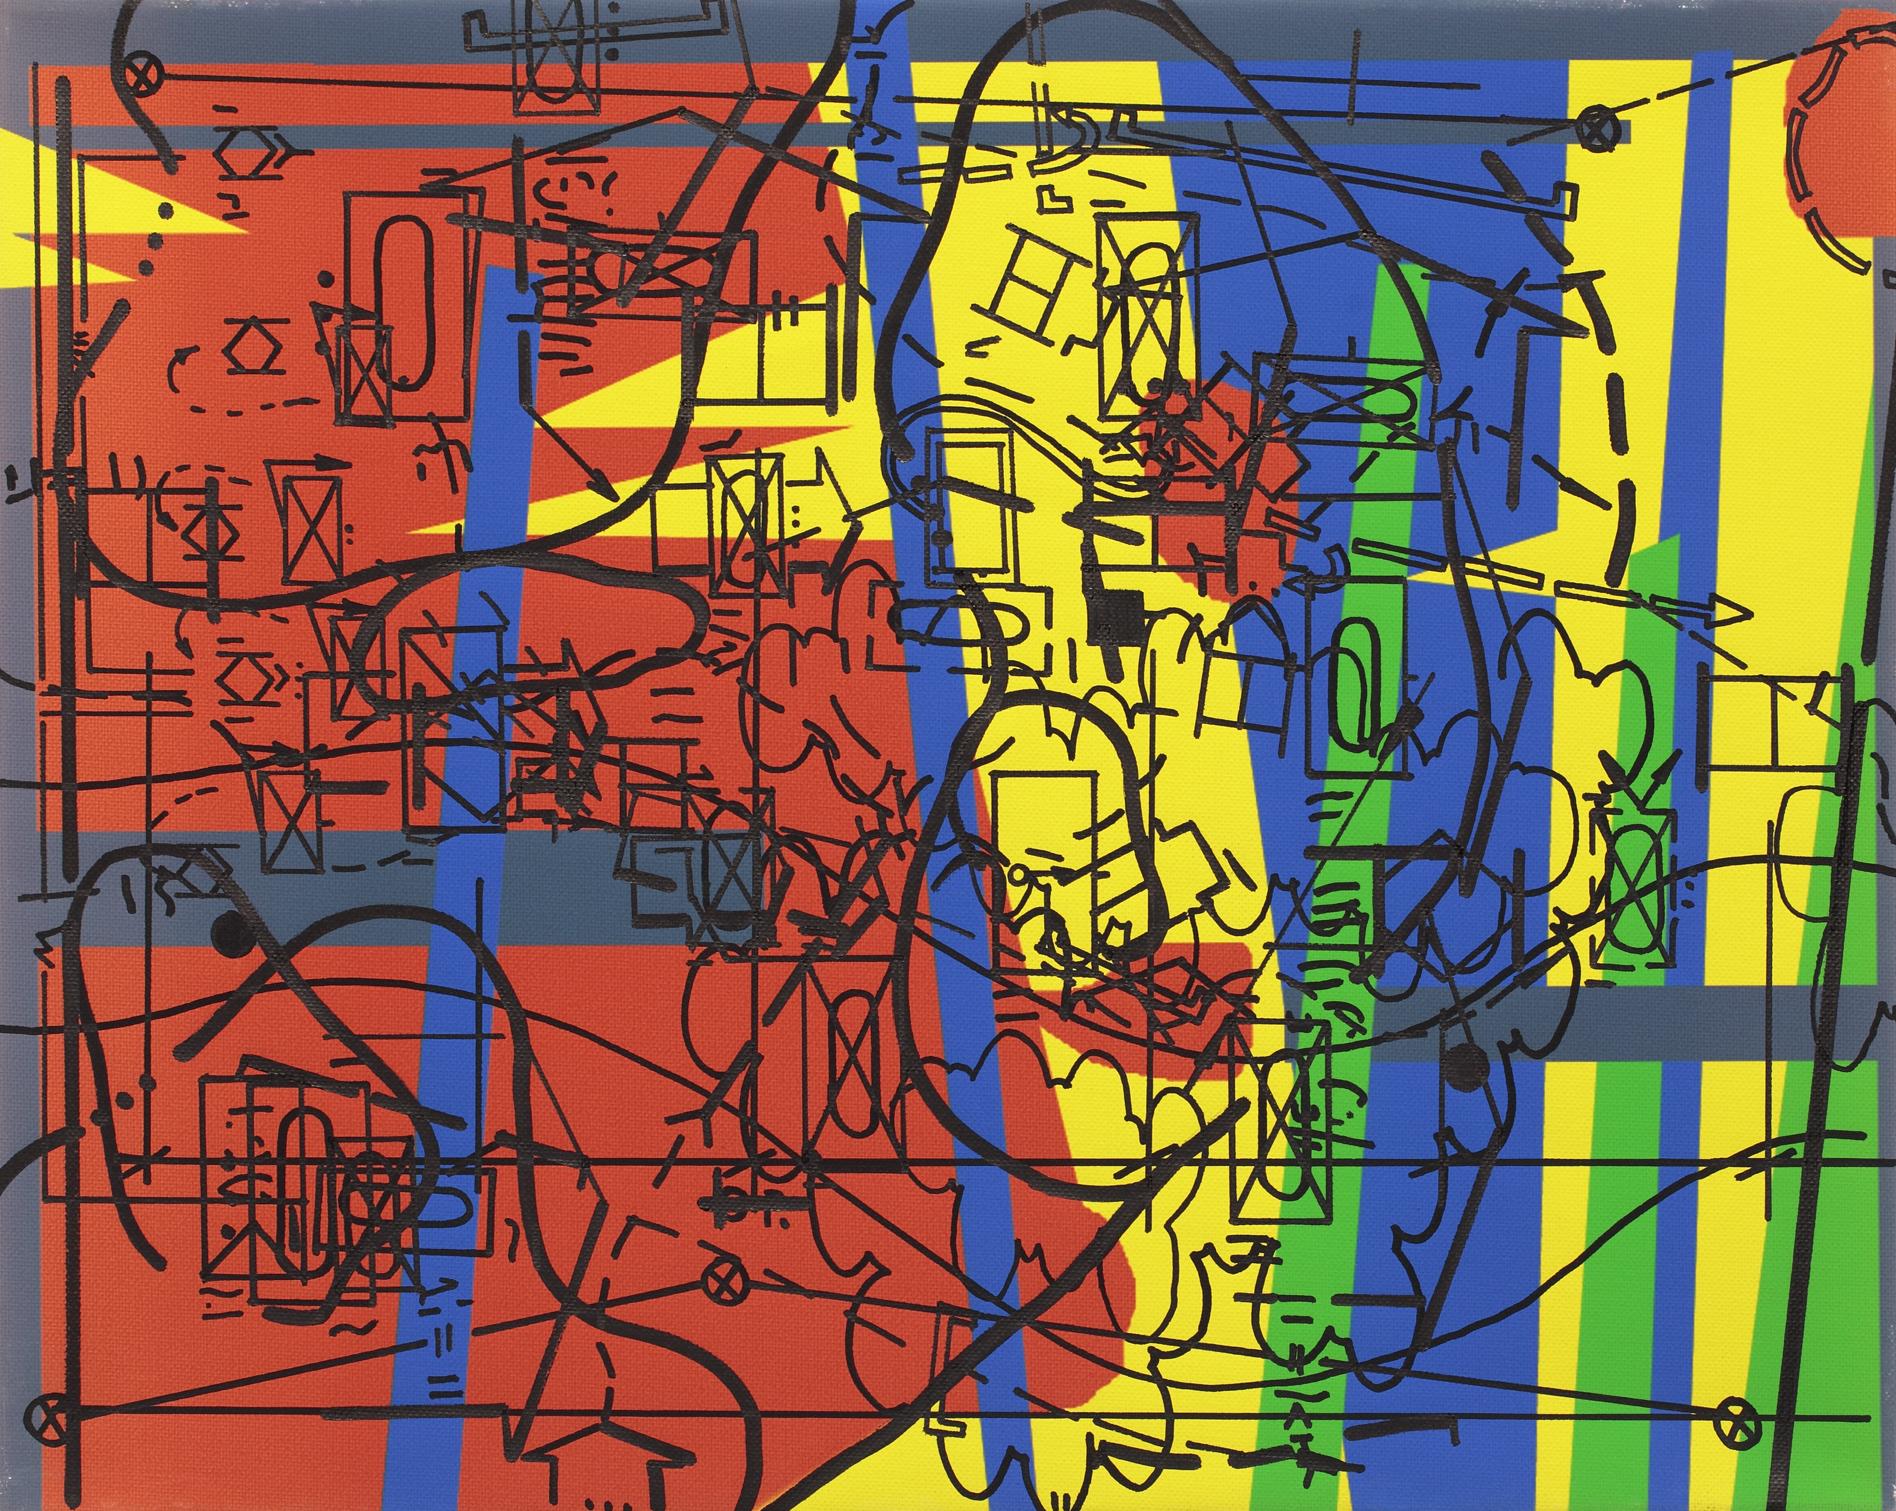 Slave 01 – Slave 12, 2007, print, oil fix on canvas, 40 x 50 cm